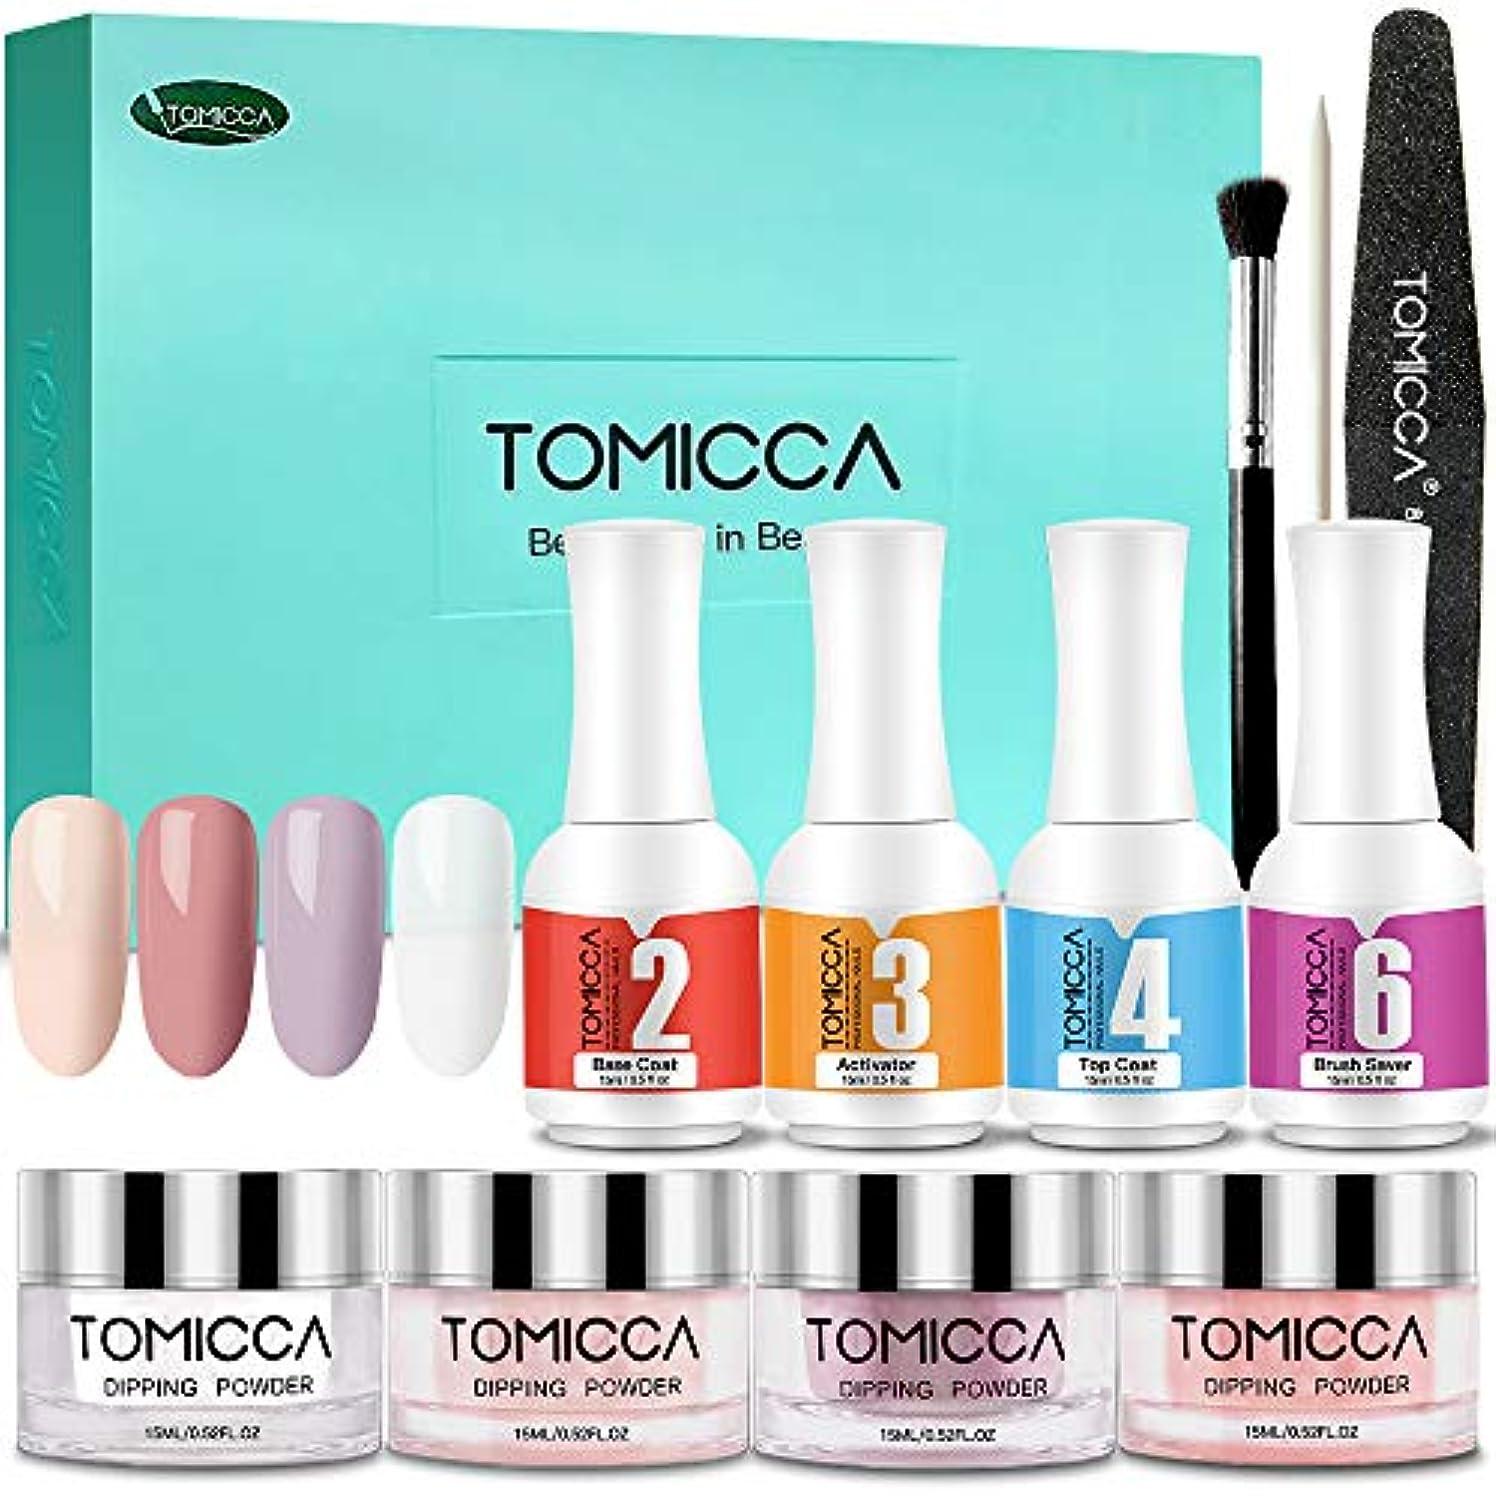 減る僕の煙TOMICCA パウダーマニキュア ネイルパウダー 4色セット 15g UV*LED ライト不要 初心者適用 色付け簡単 人気 アメリカ流行 (ピンク)